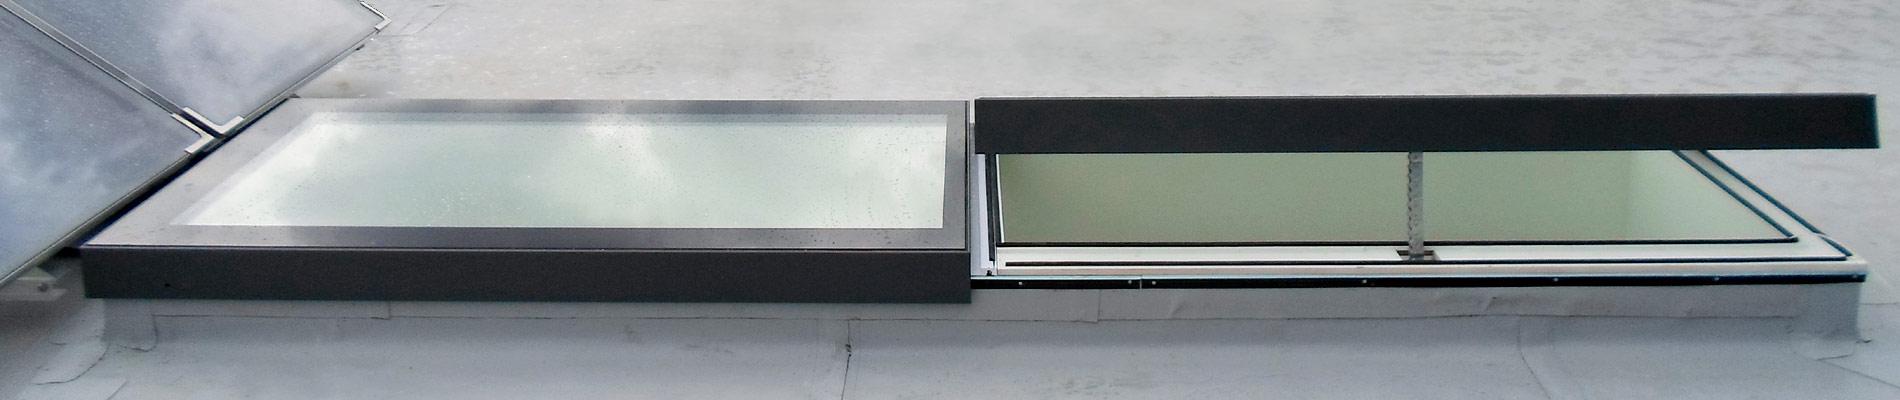 Flachdachfenster SkyVision LINEAR: Kombination aus zu öffnenden und festverglasten Modulen